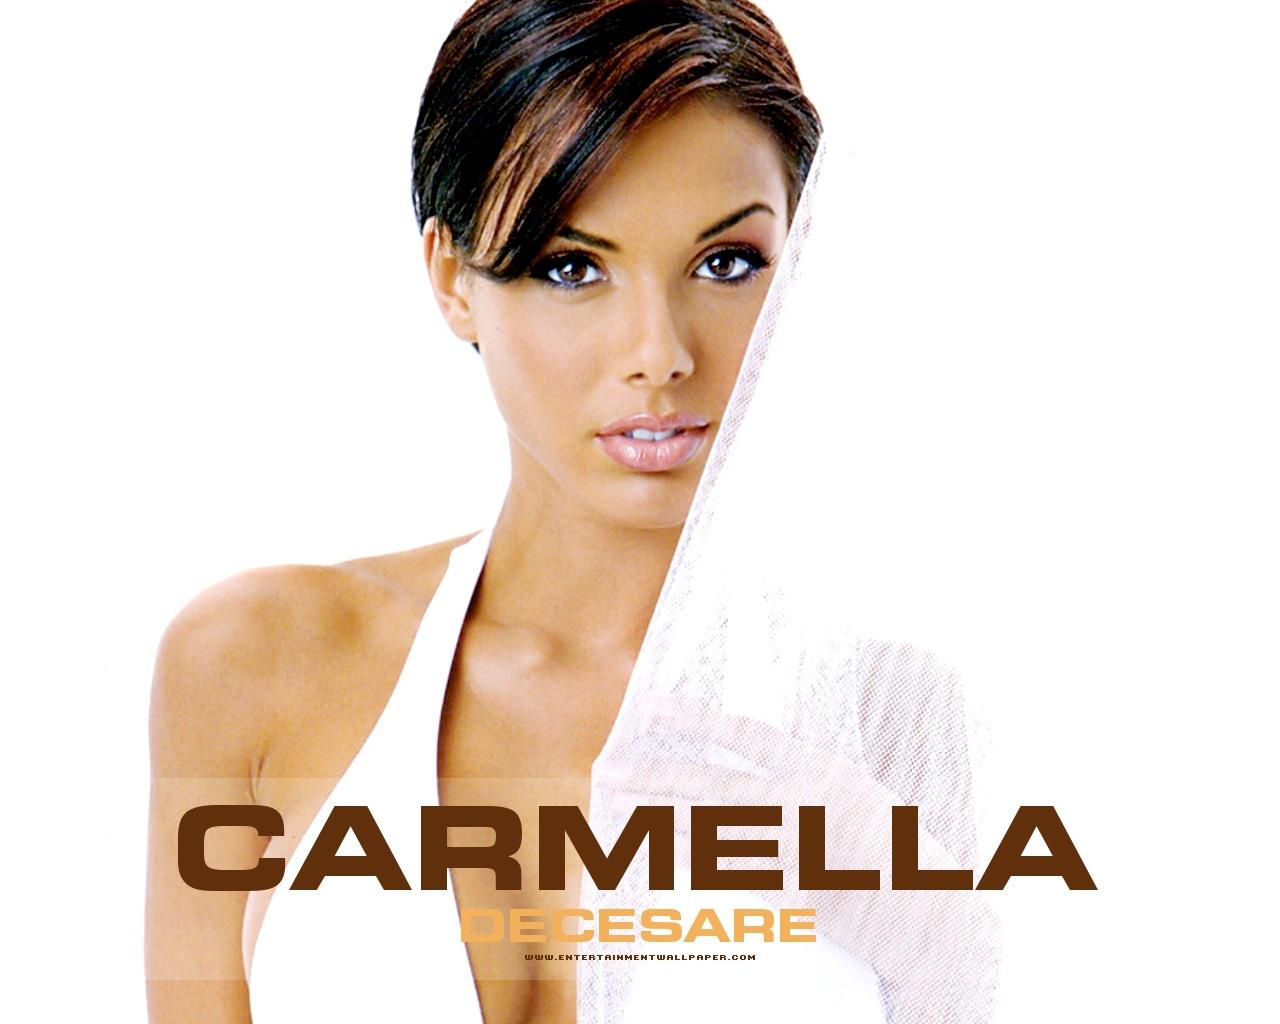 Carmella Decesare The Positive Thinking